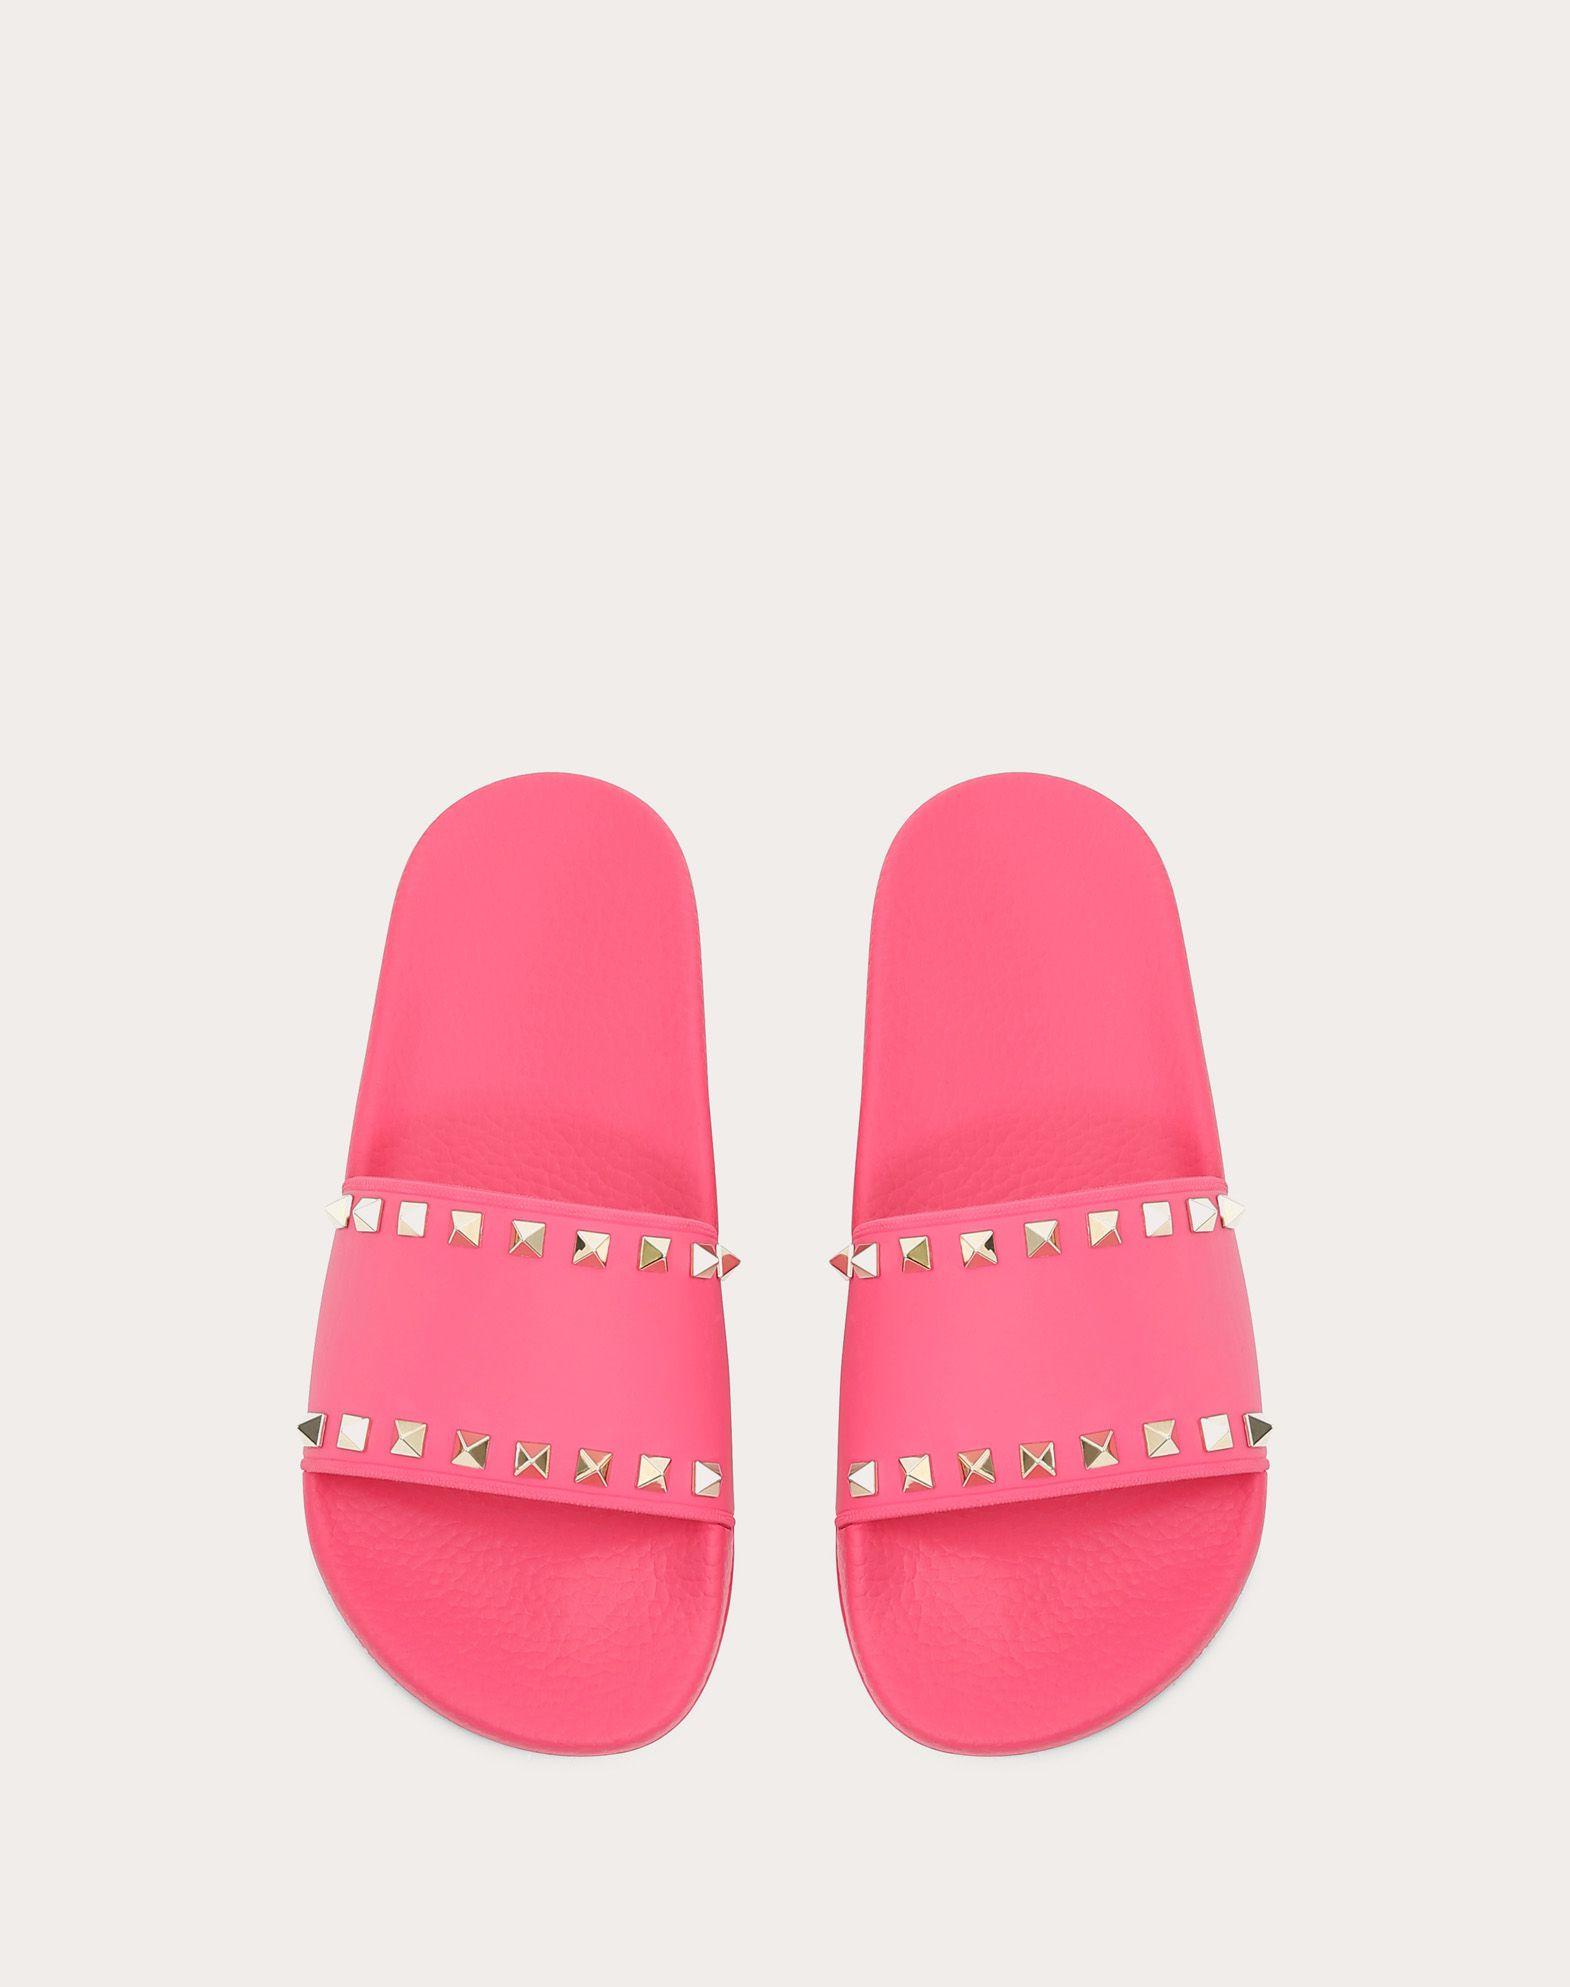 VALENTINO GARAVANI Rockstud PVC Slide Sandal SLIDE SANDAL D e